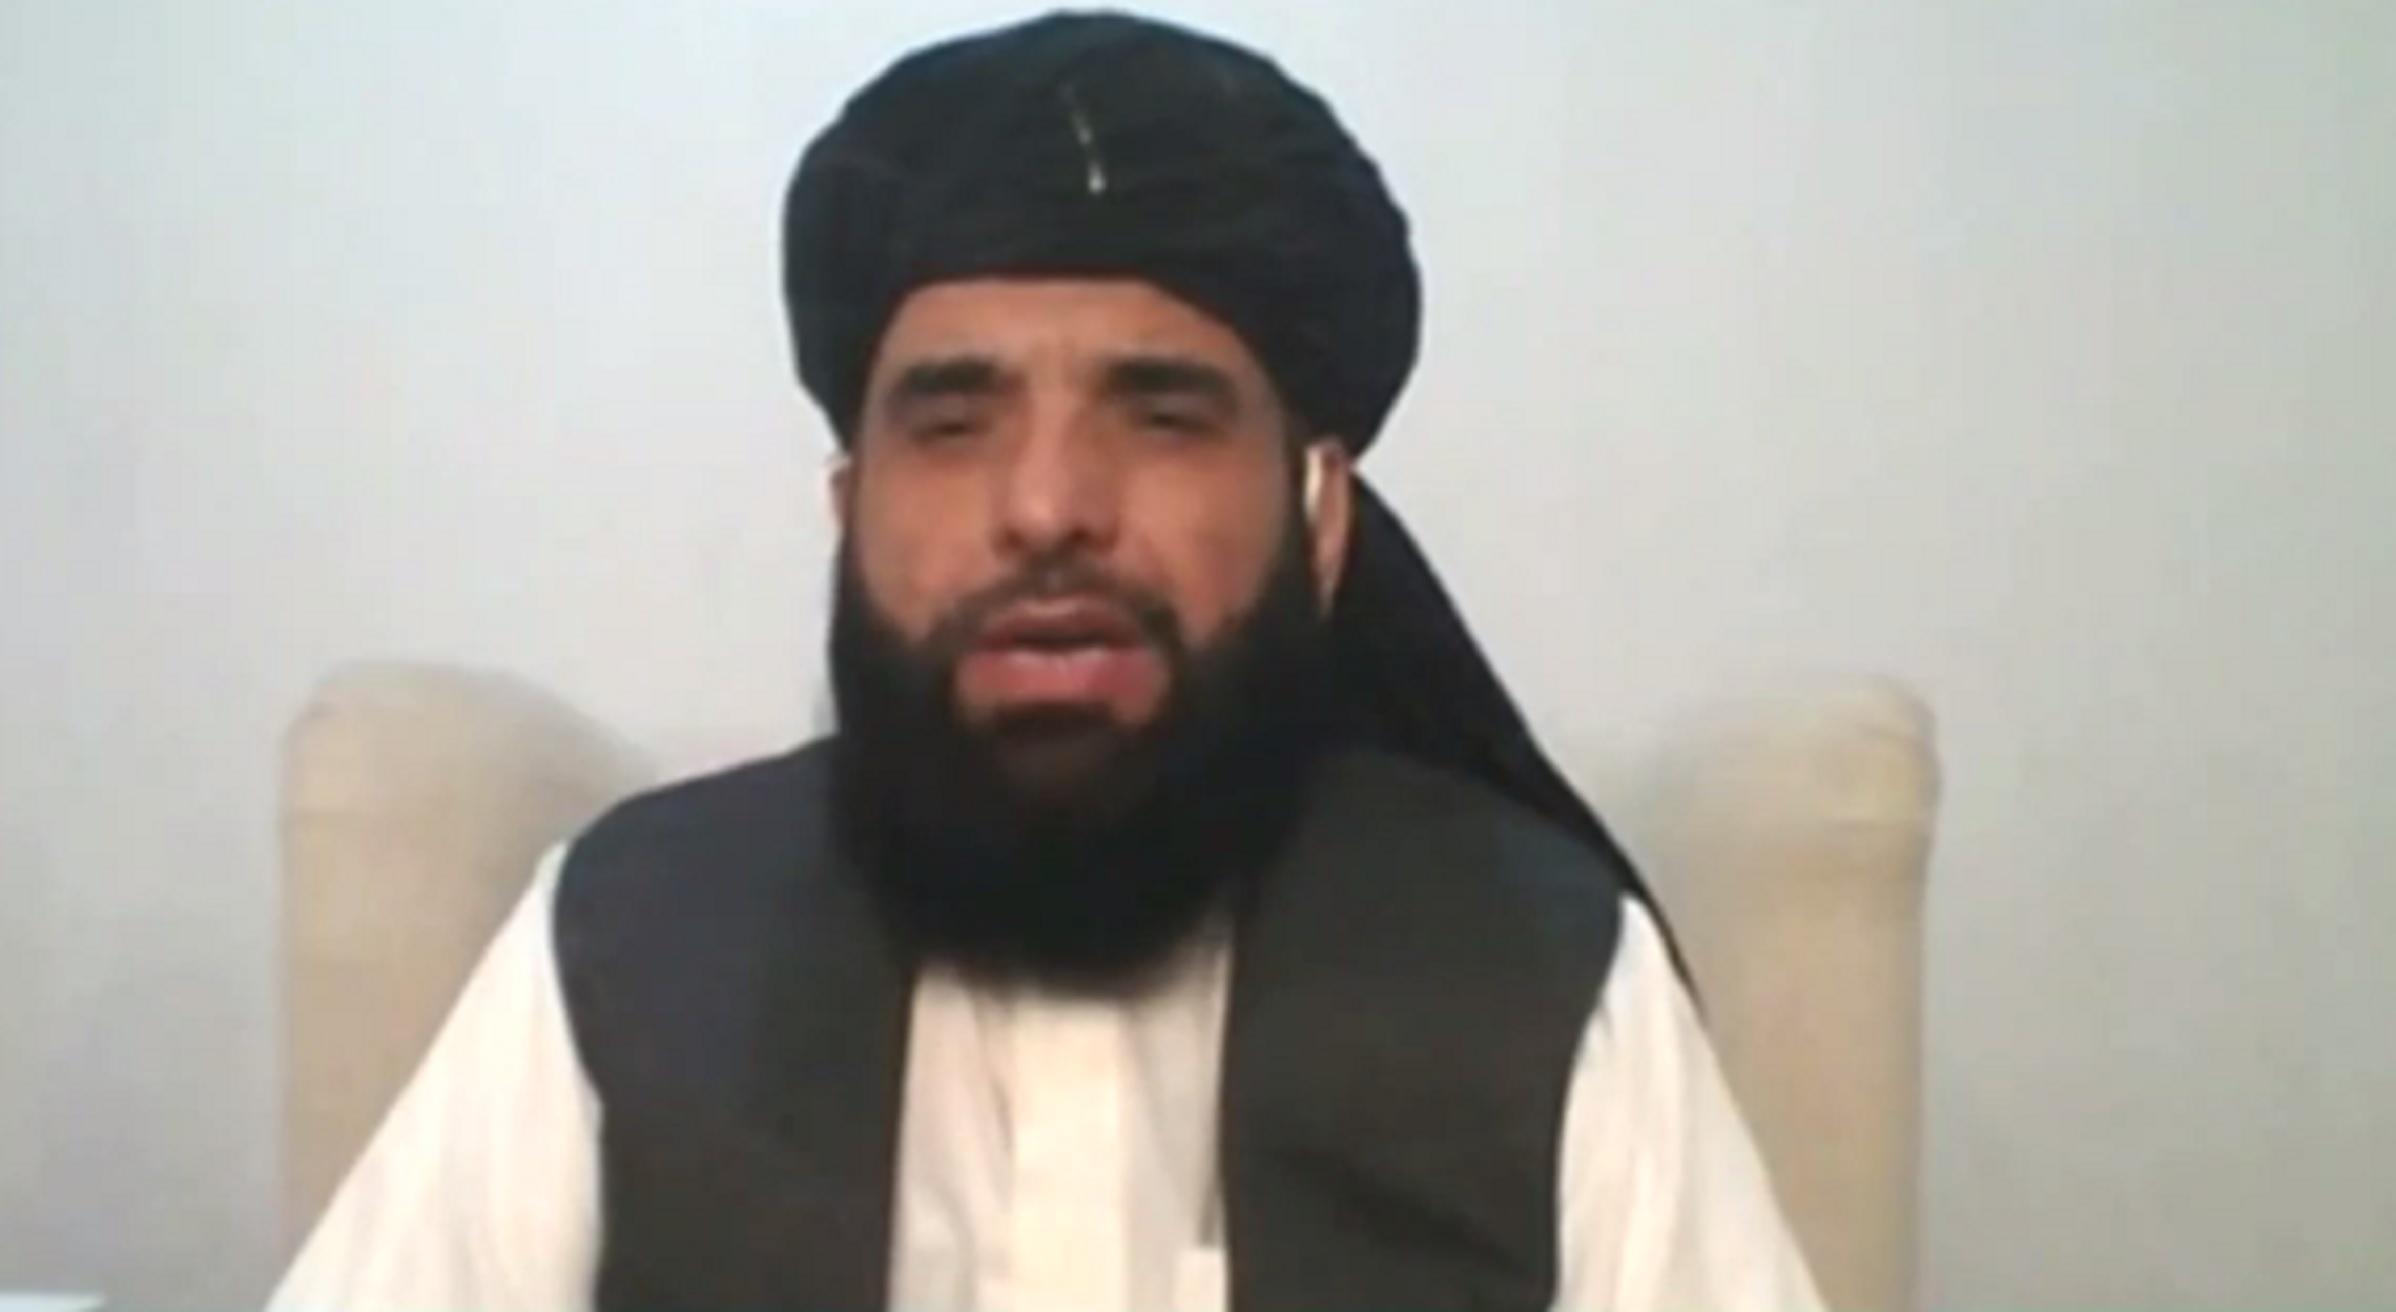 Εκπρόσωπος Ταλιμπάν στο Mega: Δεν αποκλείει ένοπλη αντίδραση αν δεν φύγουν οι ΗΠΑ – Ο ρόλος των γυναικών στη νέα εποχή